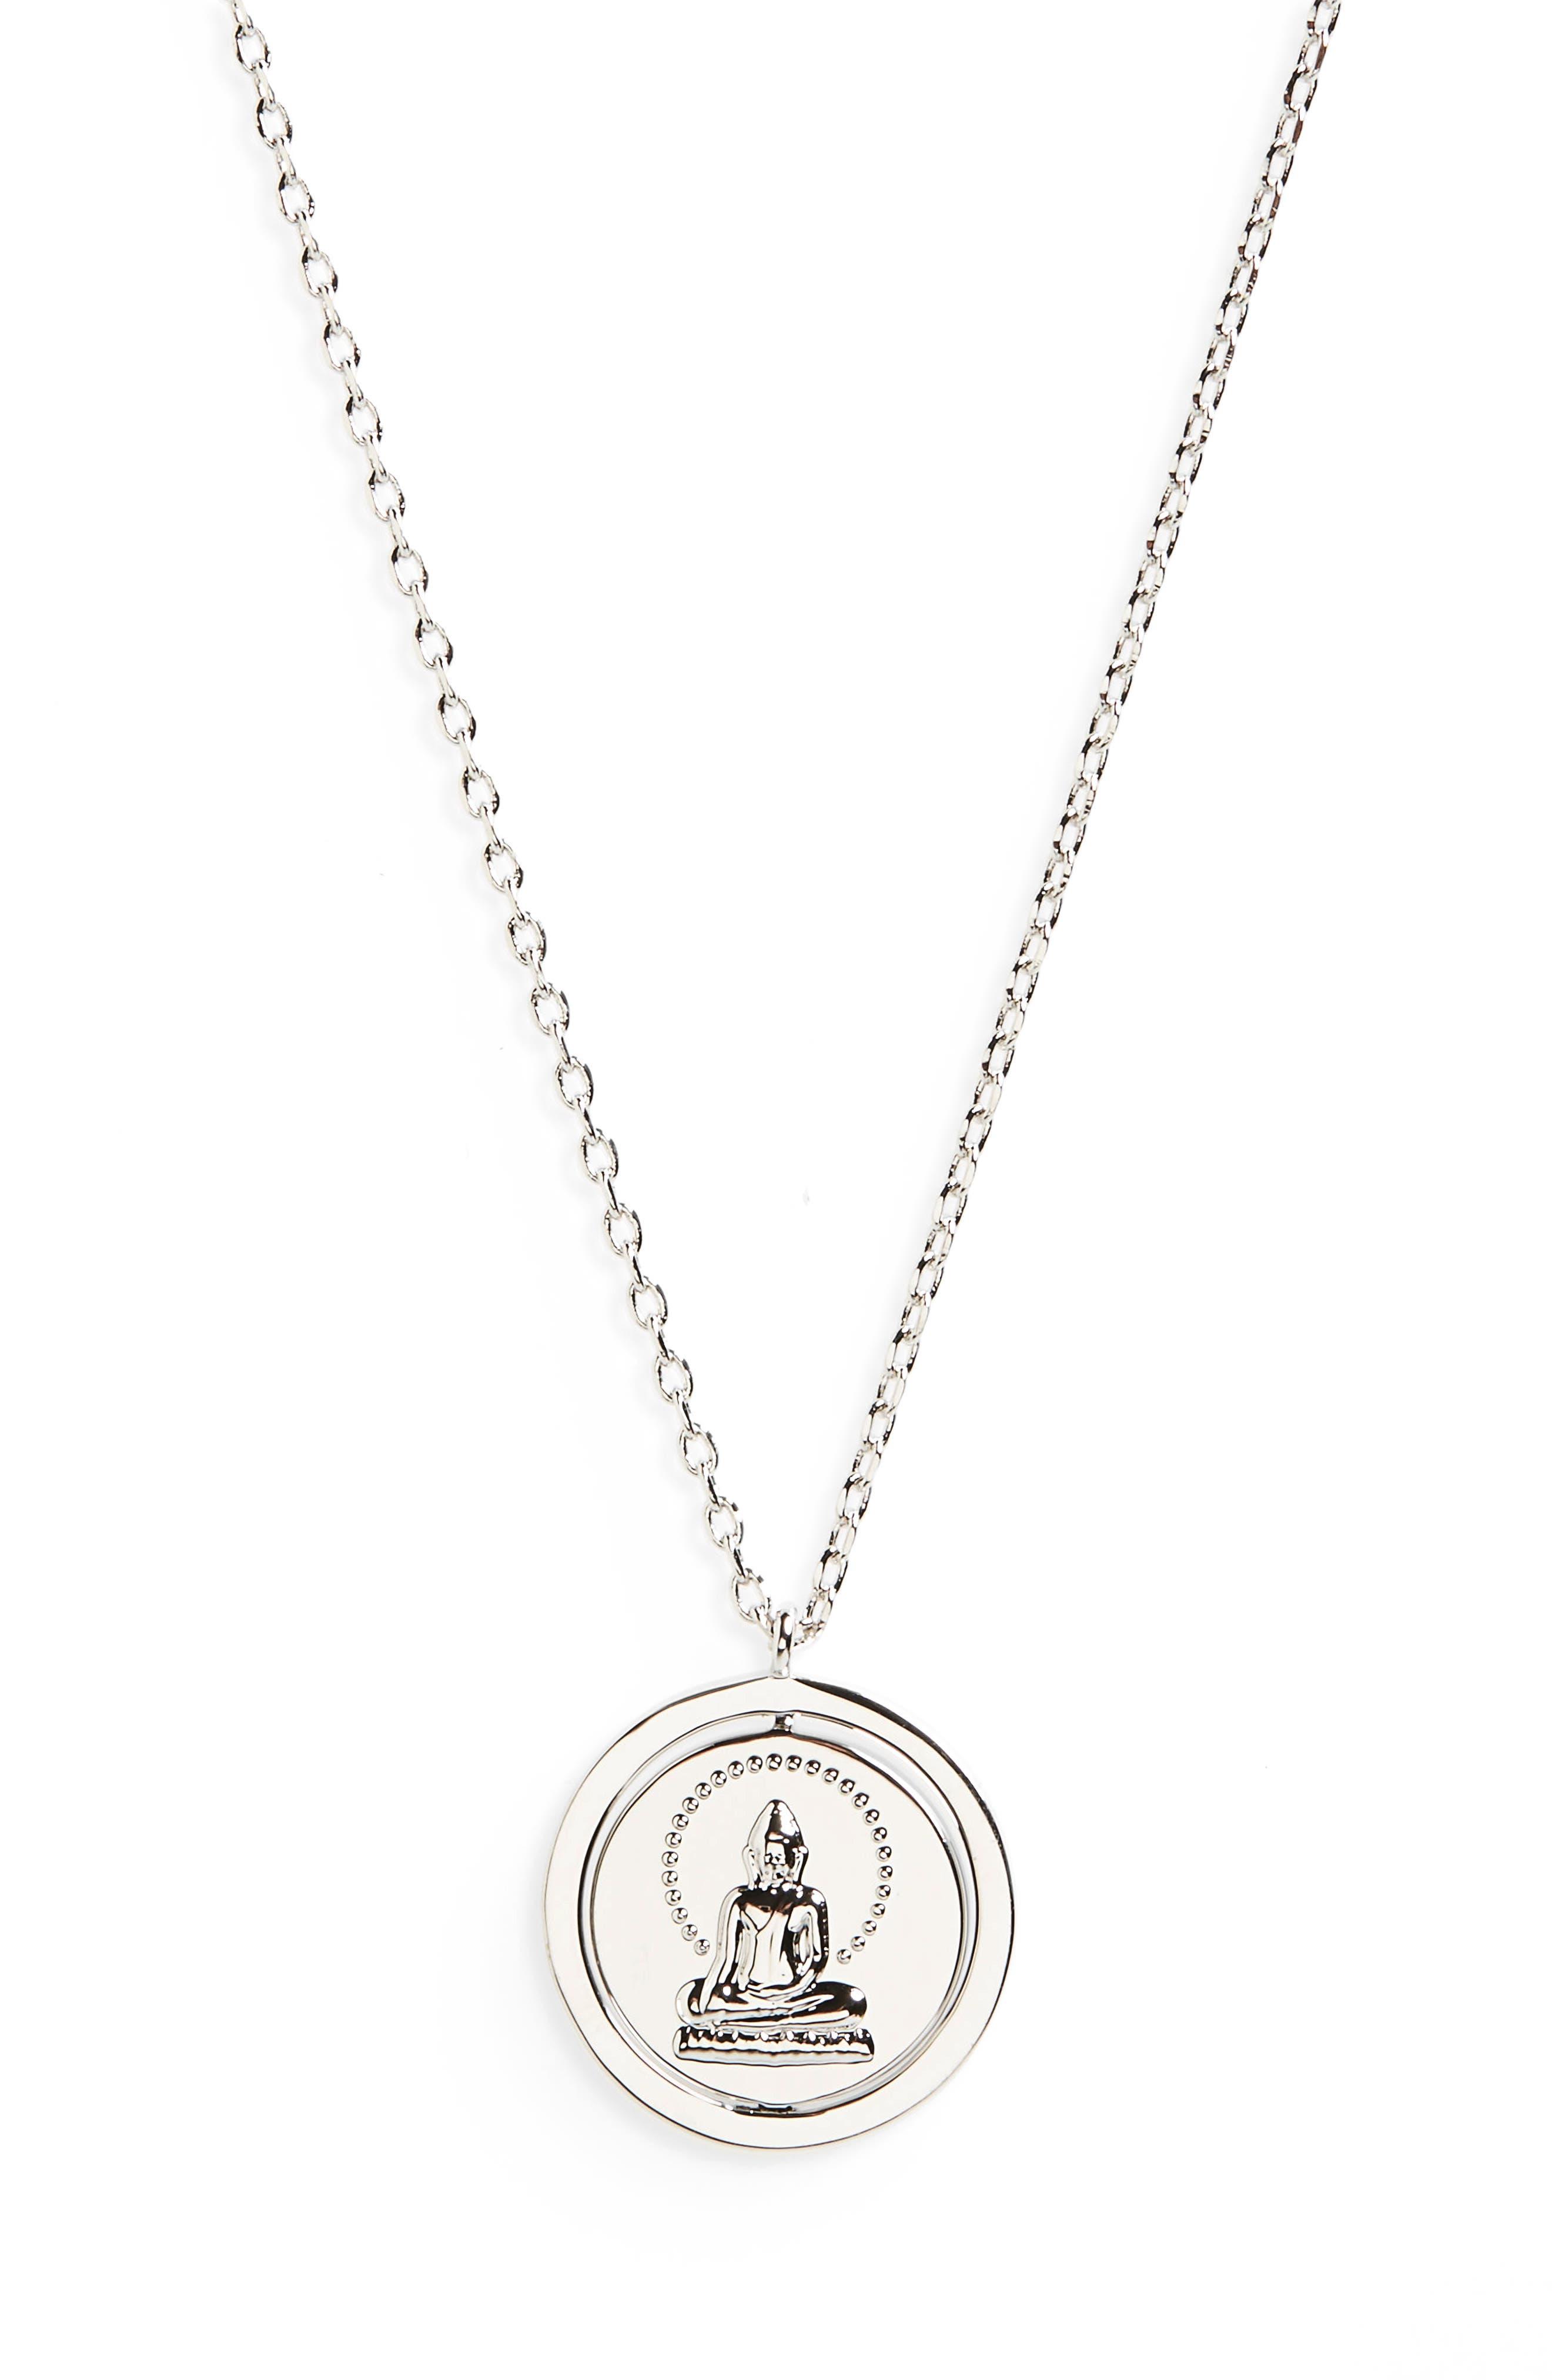 Breathe Love Letters Flip Pendant Necklace,                         Main,                         color,